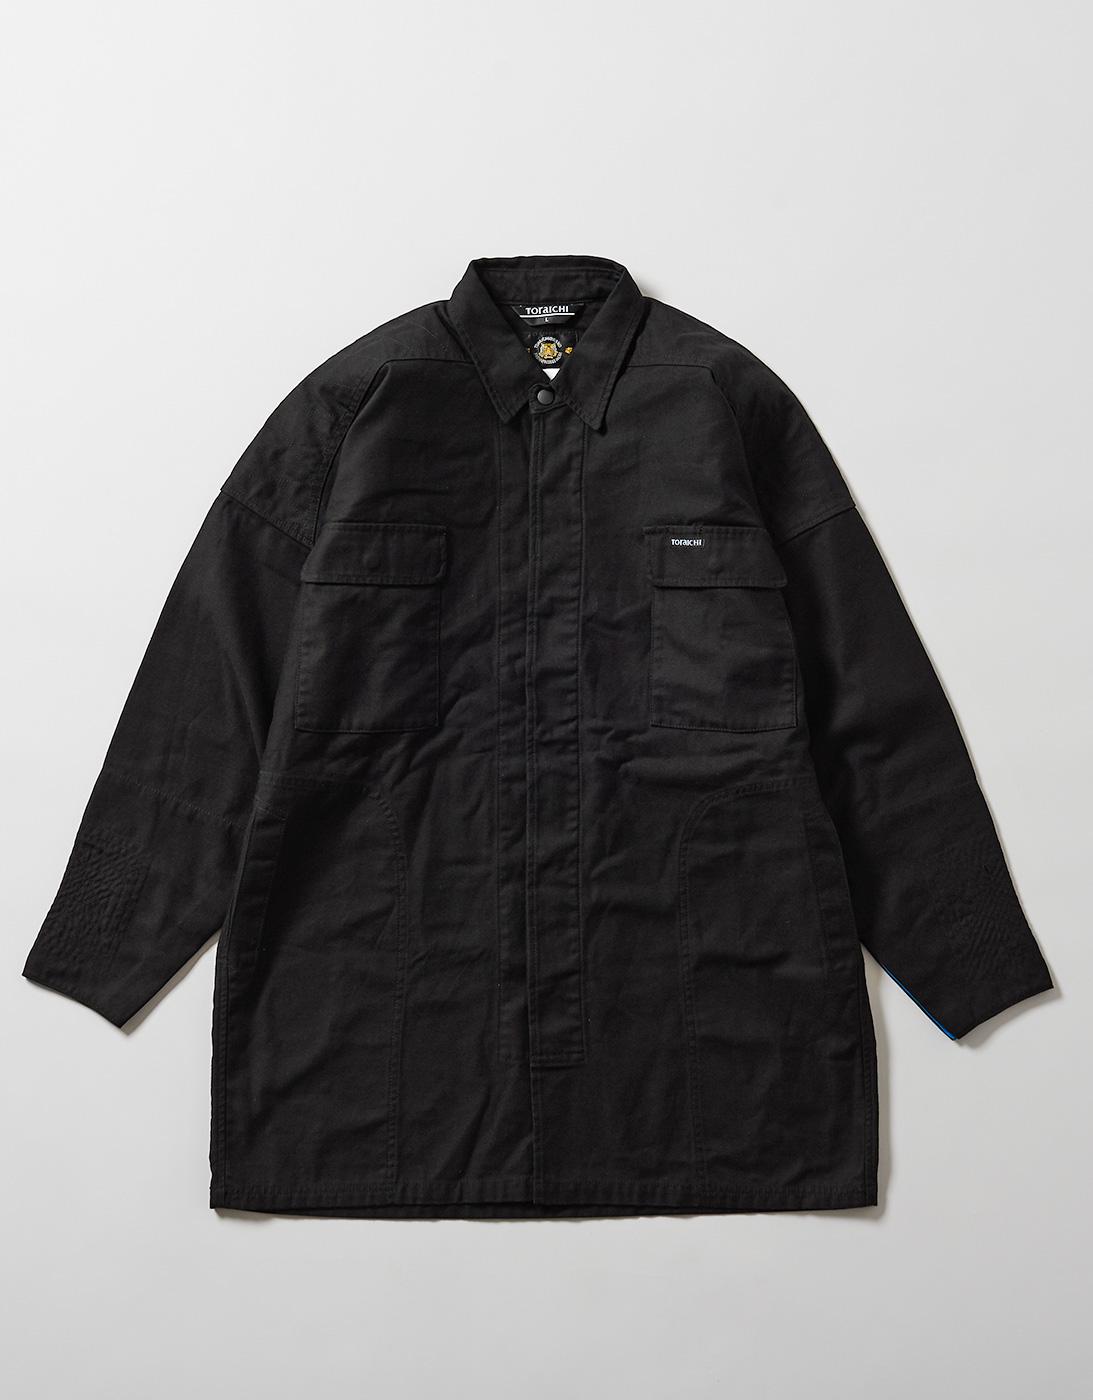 TOBI HEAVY SHIRTS 4441-711 BLACK